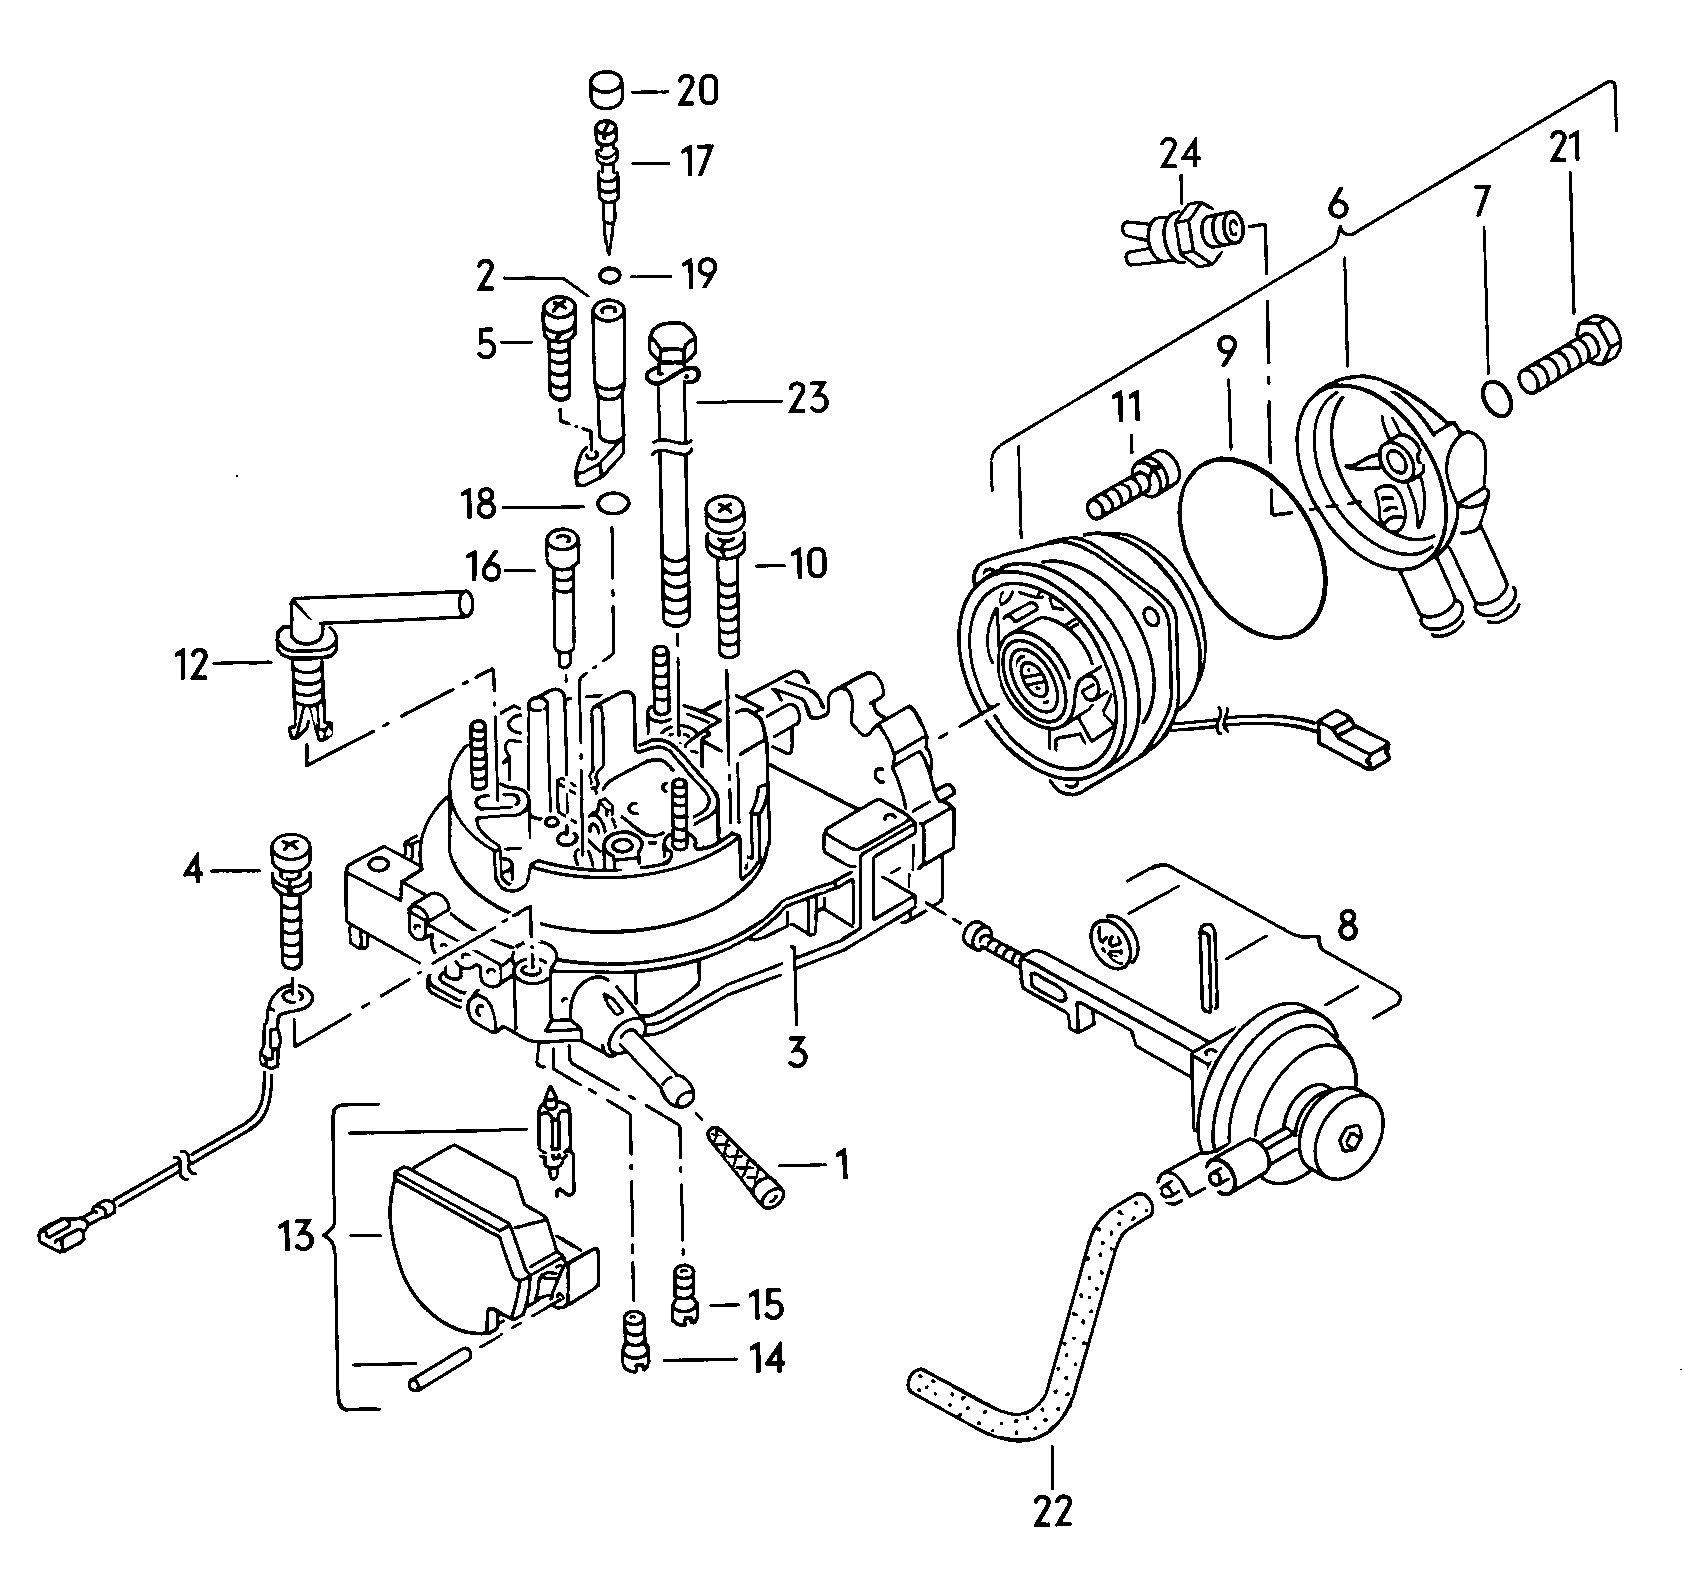 Bentley W12 Engine Diagram In 2020